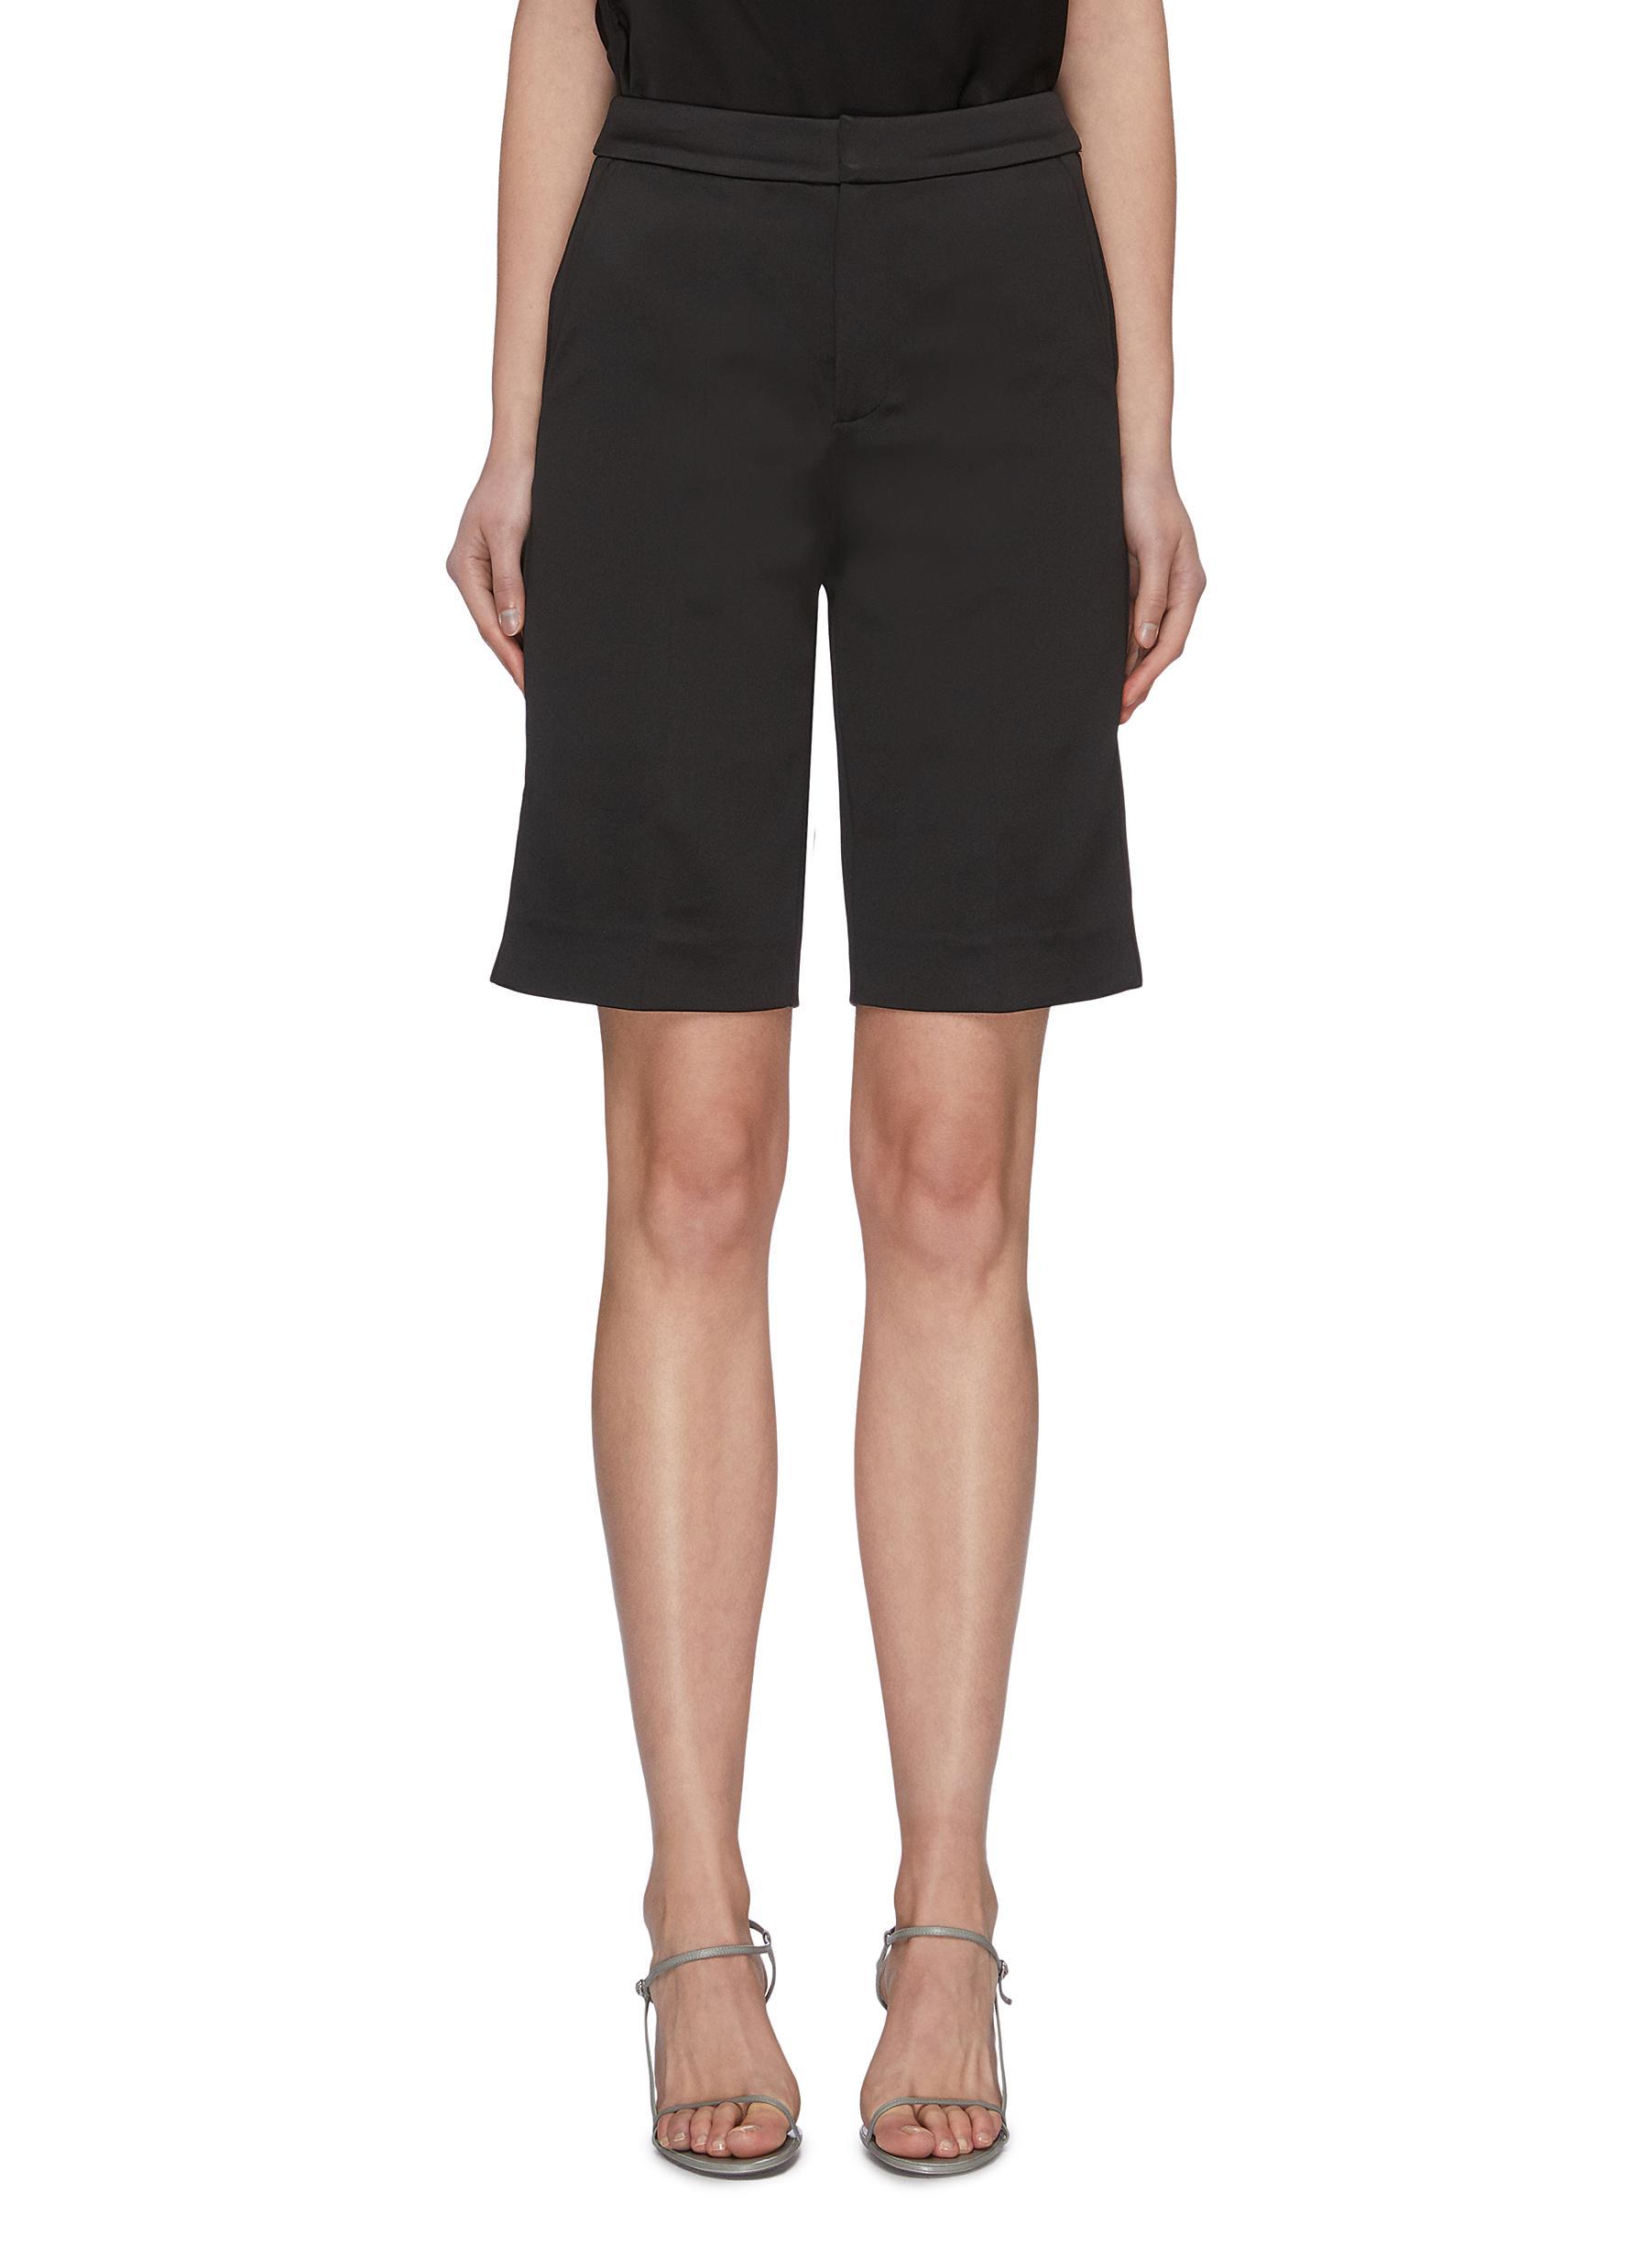 Buy Ming Ma Pants & Shorts Bermuda Shorts